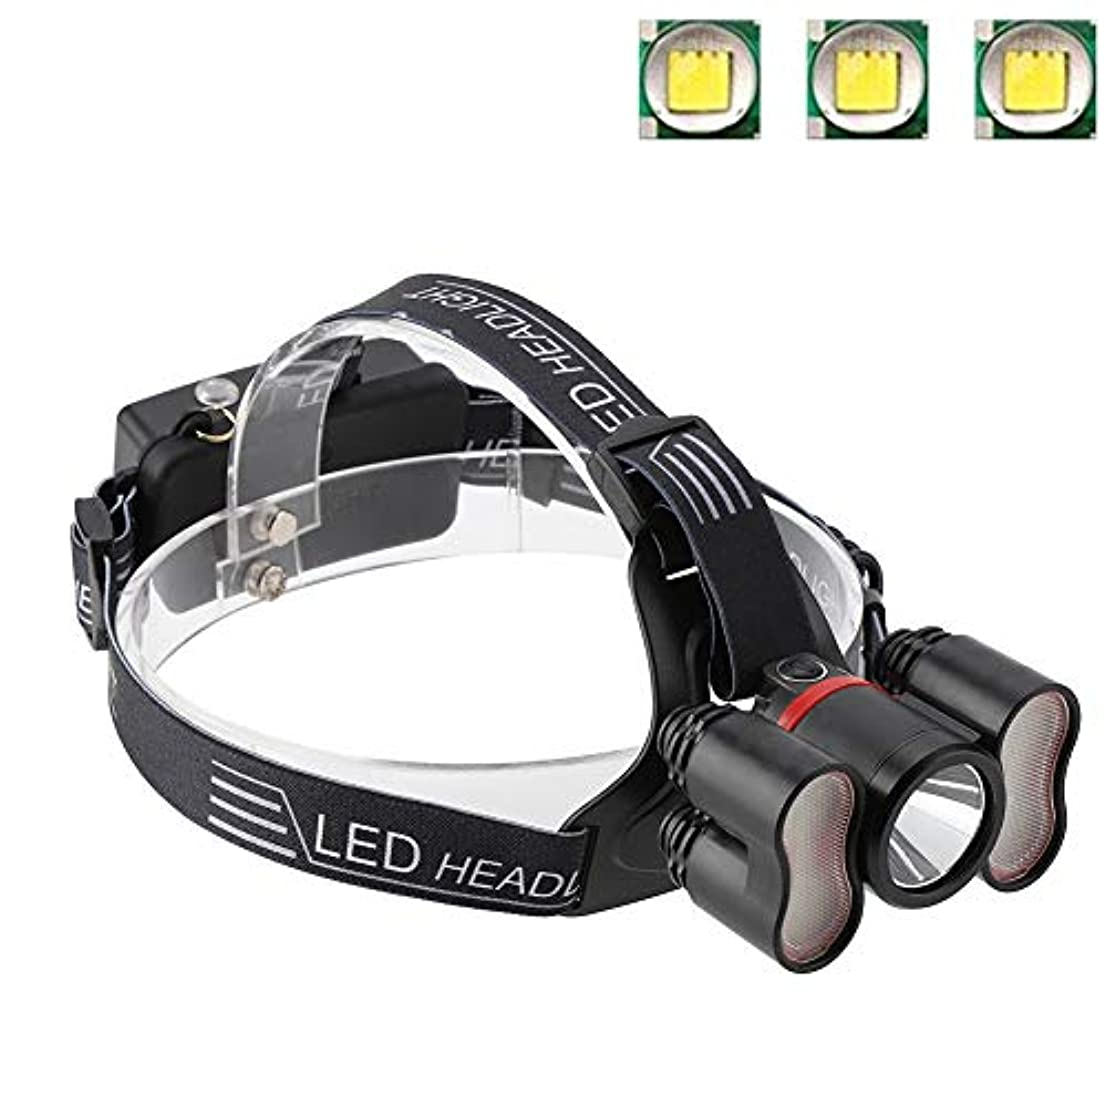 蚊割り当て寛容なヘッドライト懐中電灯、2000LMヘッドライト18650 LED USB充電式防水トラベルヘッドトーチキャンプランプランニングハイキング釣りに適して(#1)